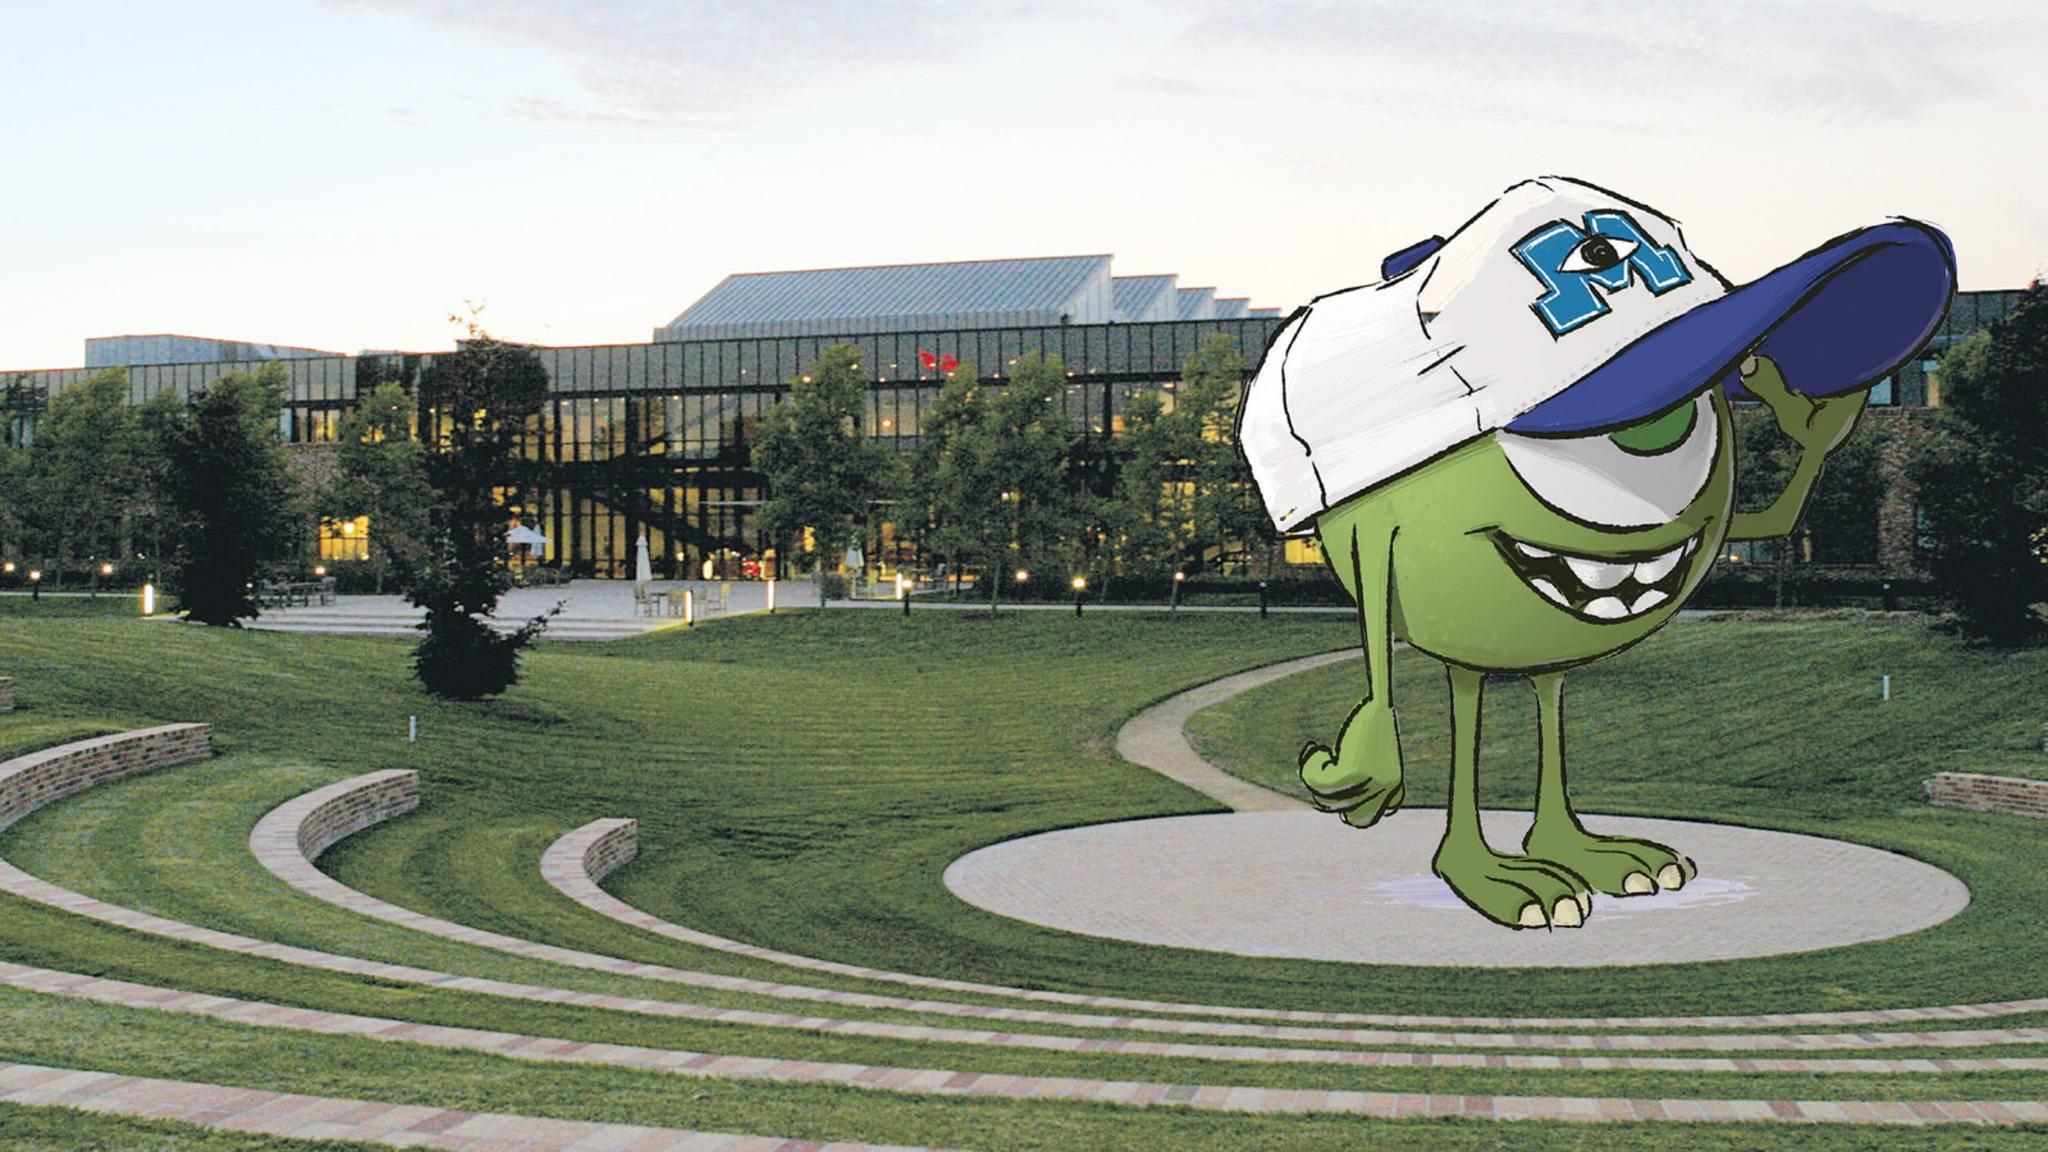 Das Amphitheater des Campus lädt zum Relaxen und Ideenaustausch ein.